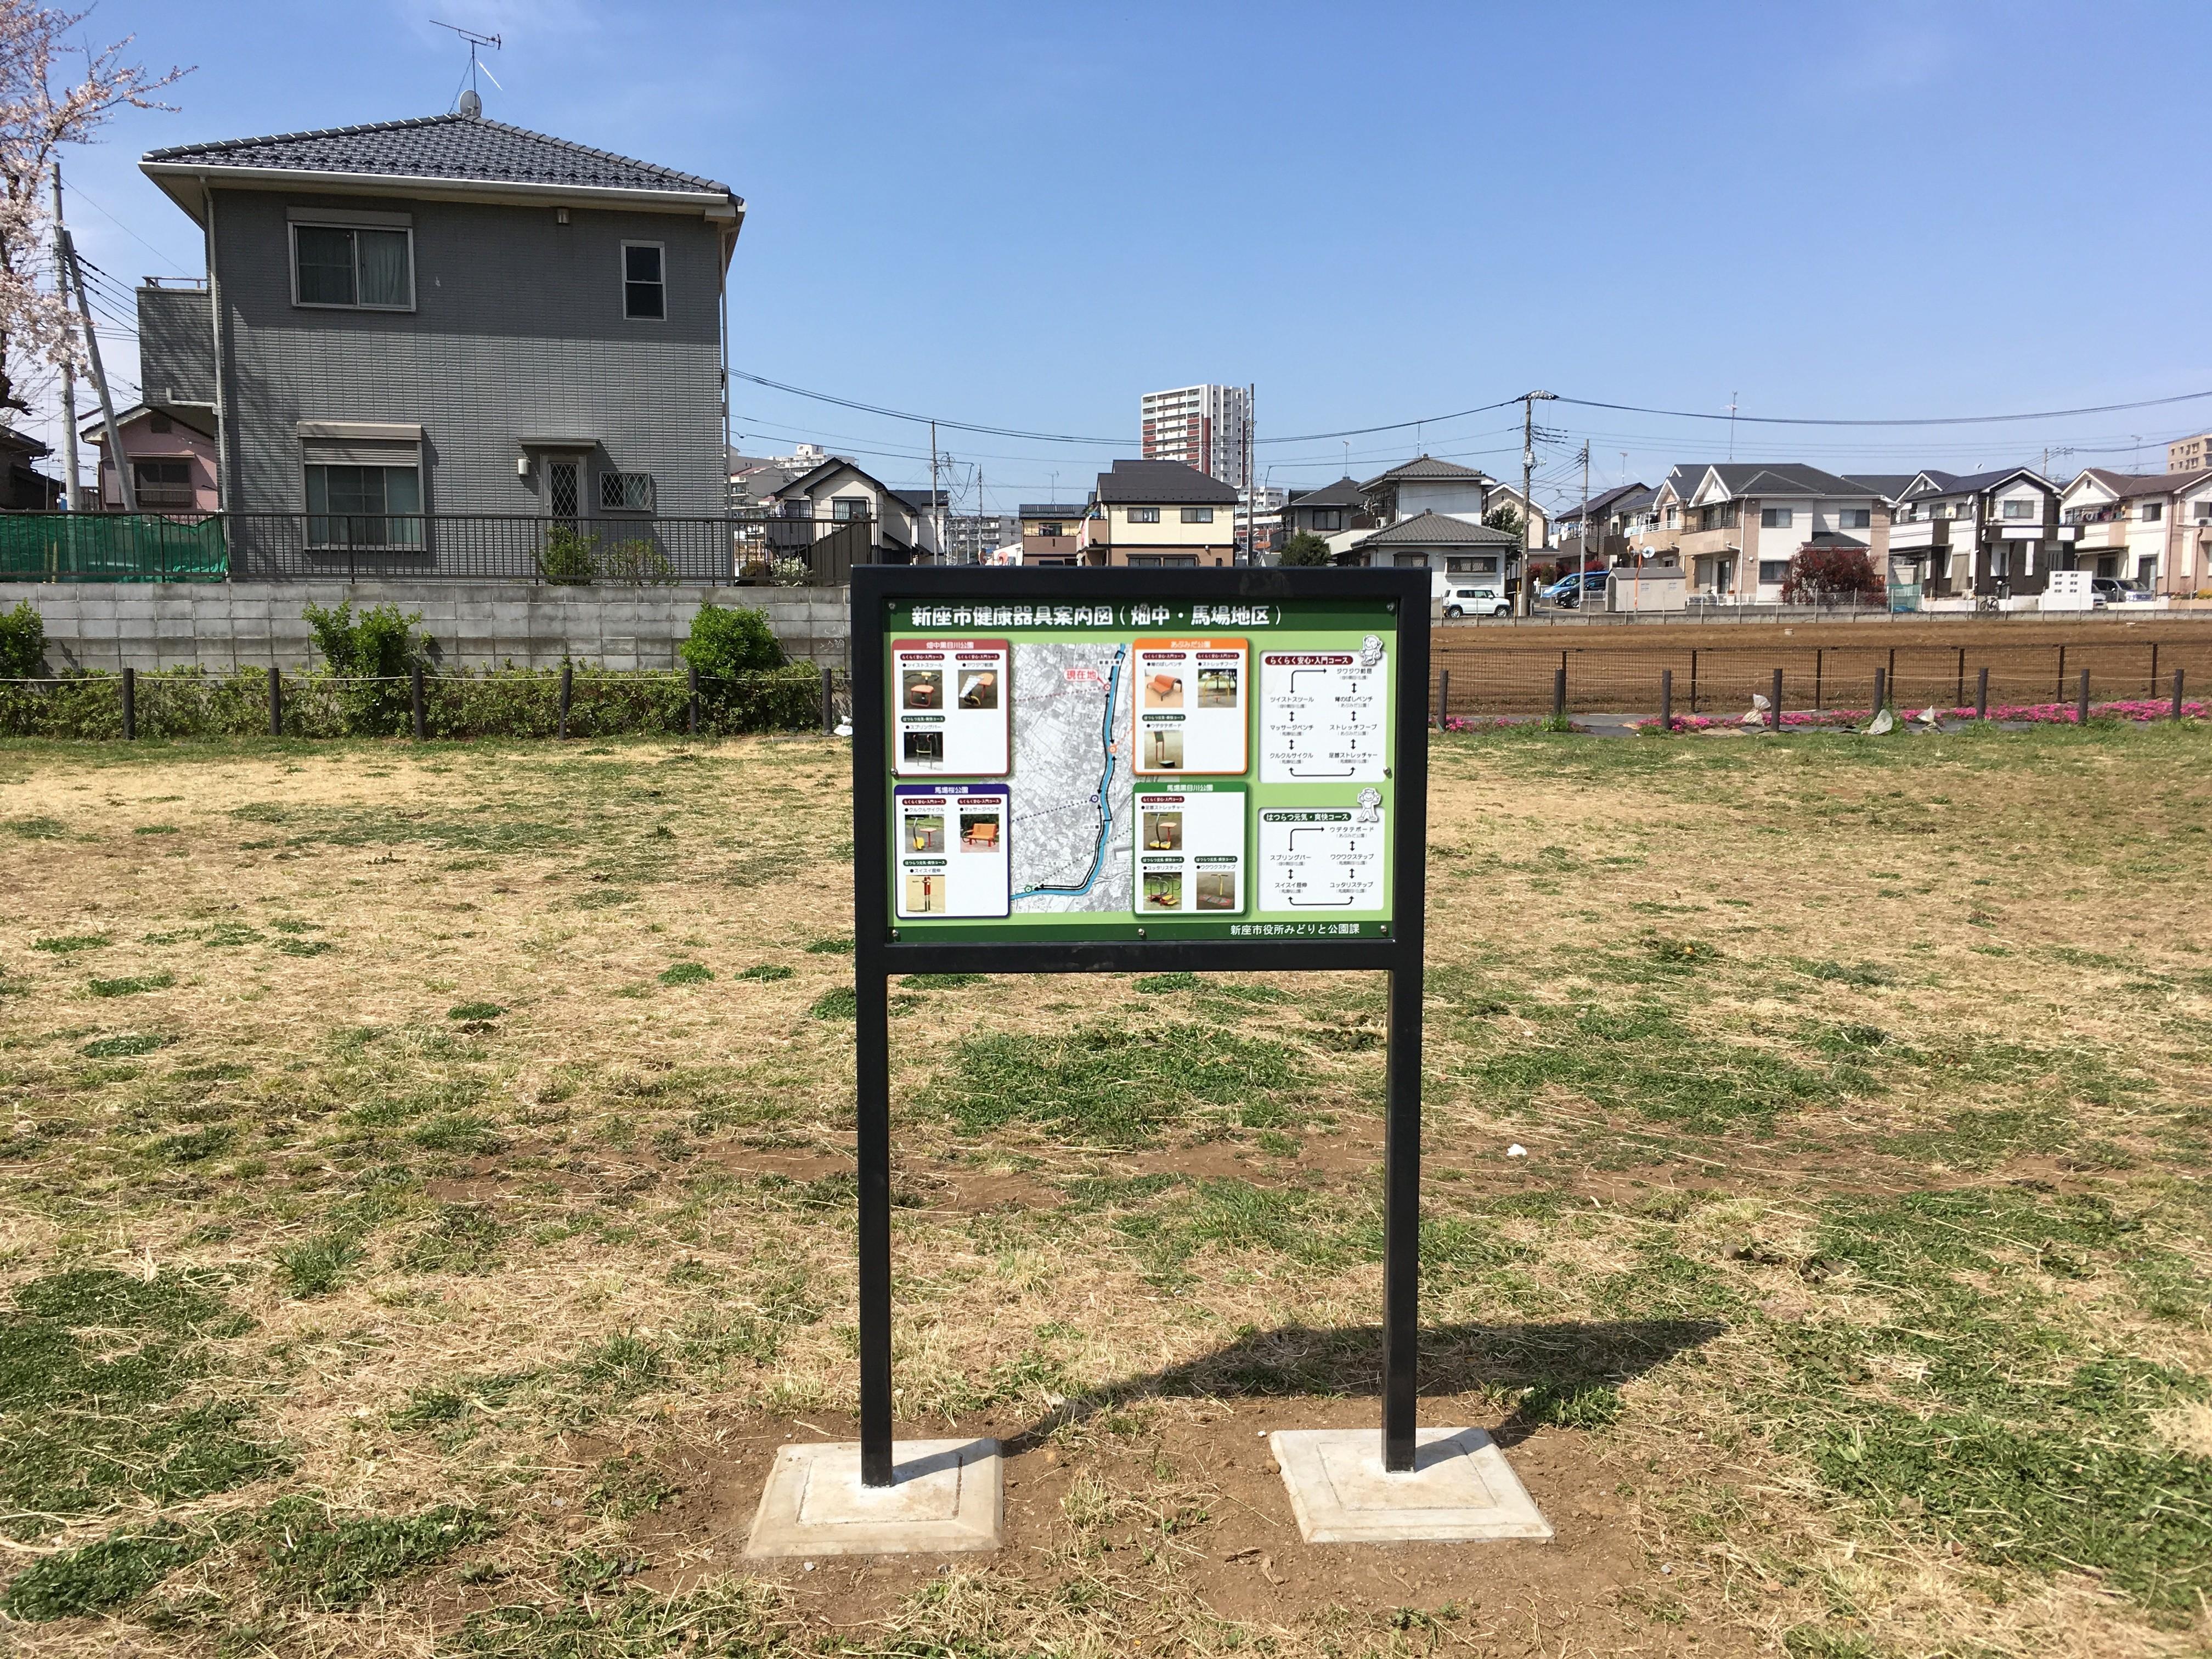 新座市健康器具案内図(畑中・馬場地区)